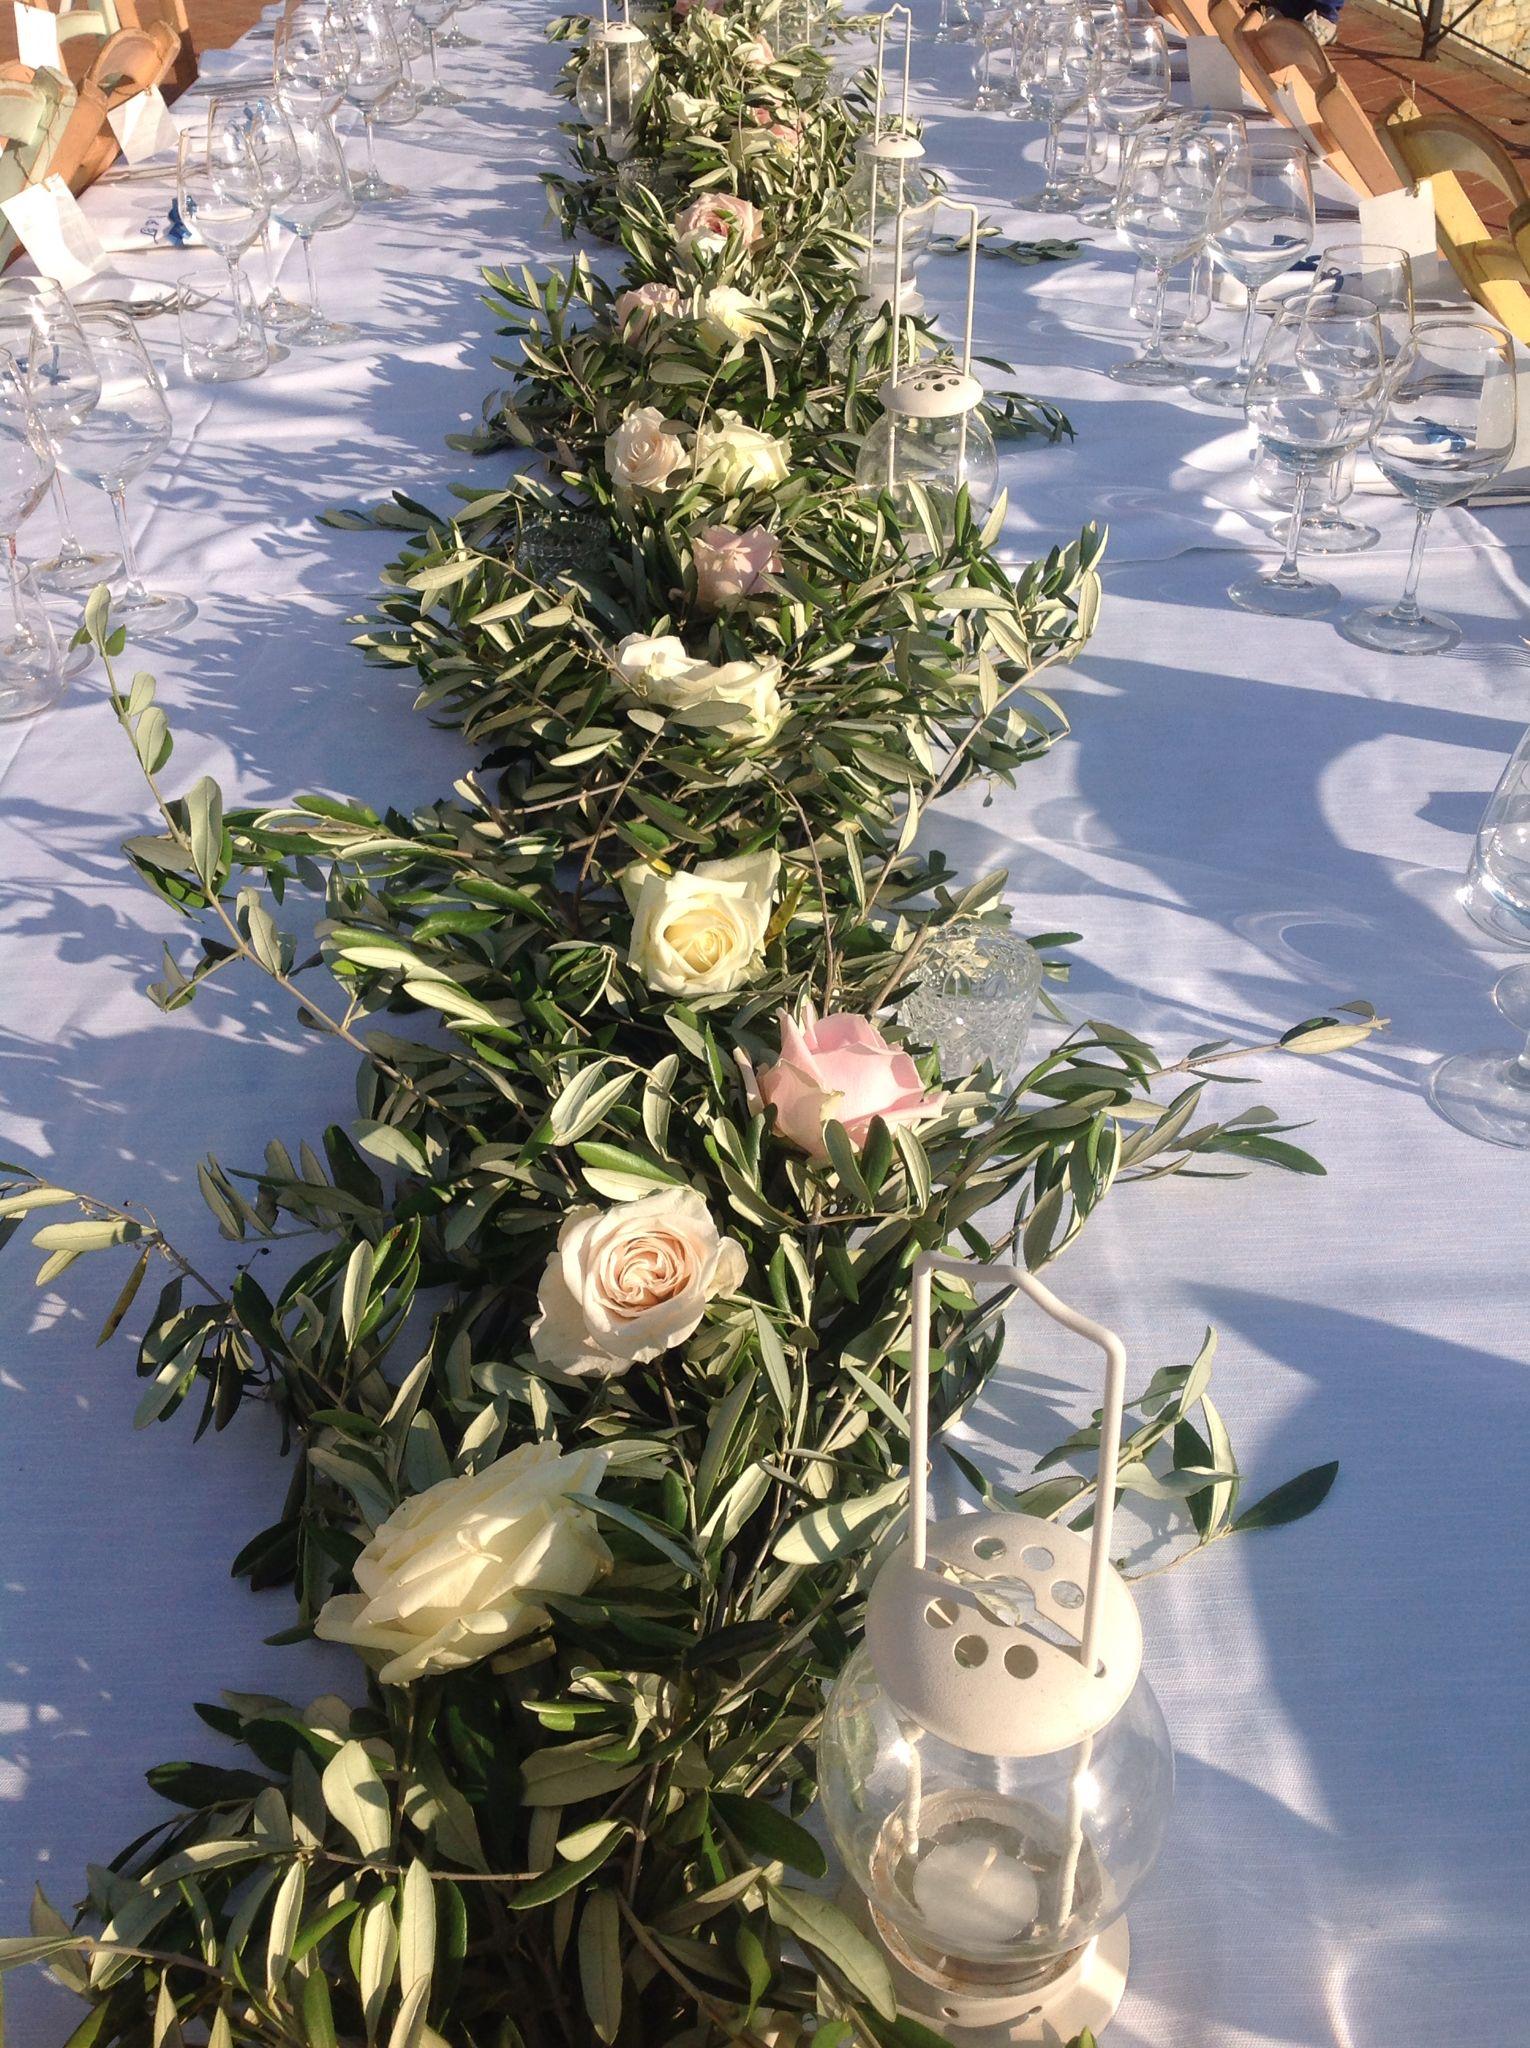 Olivo e rose fanno di un tavolo imperiale un effetto scenico molto trend.